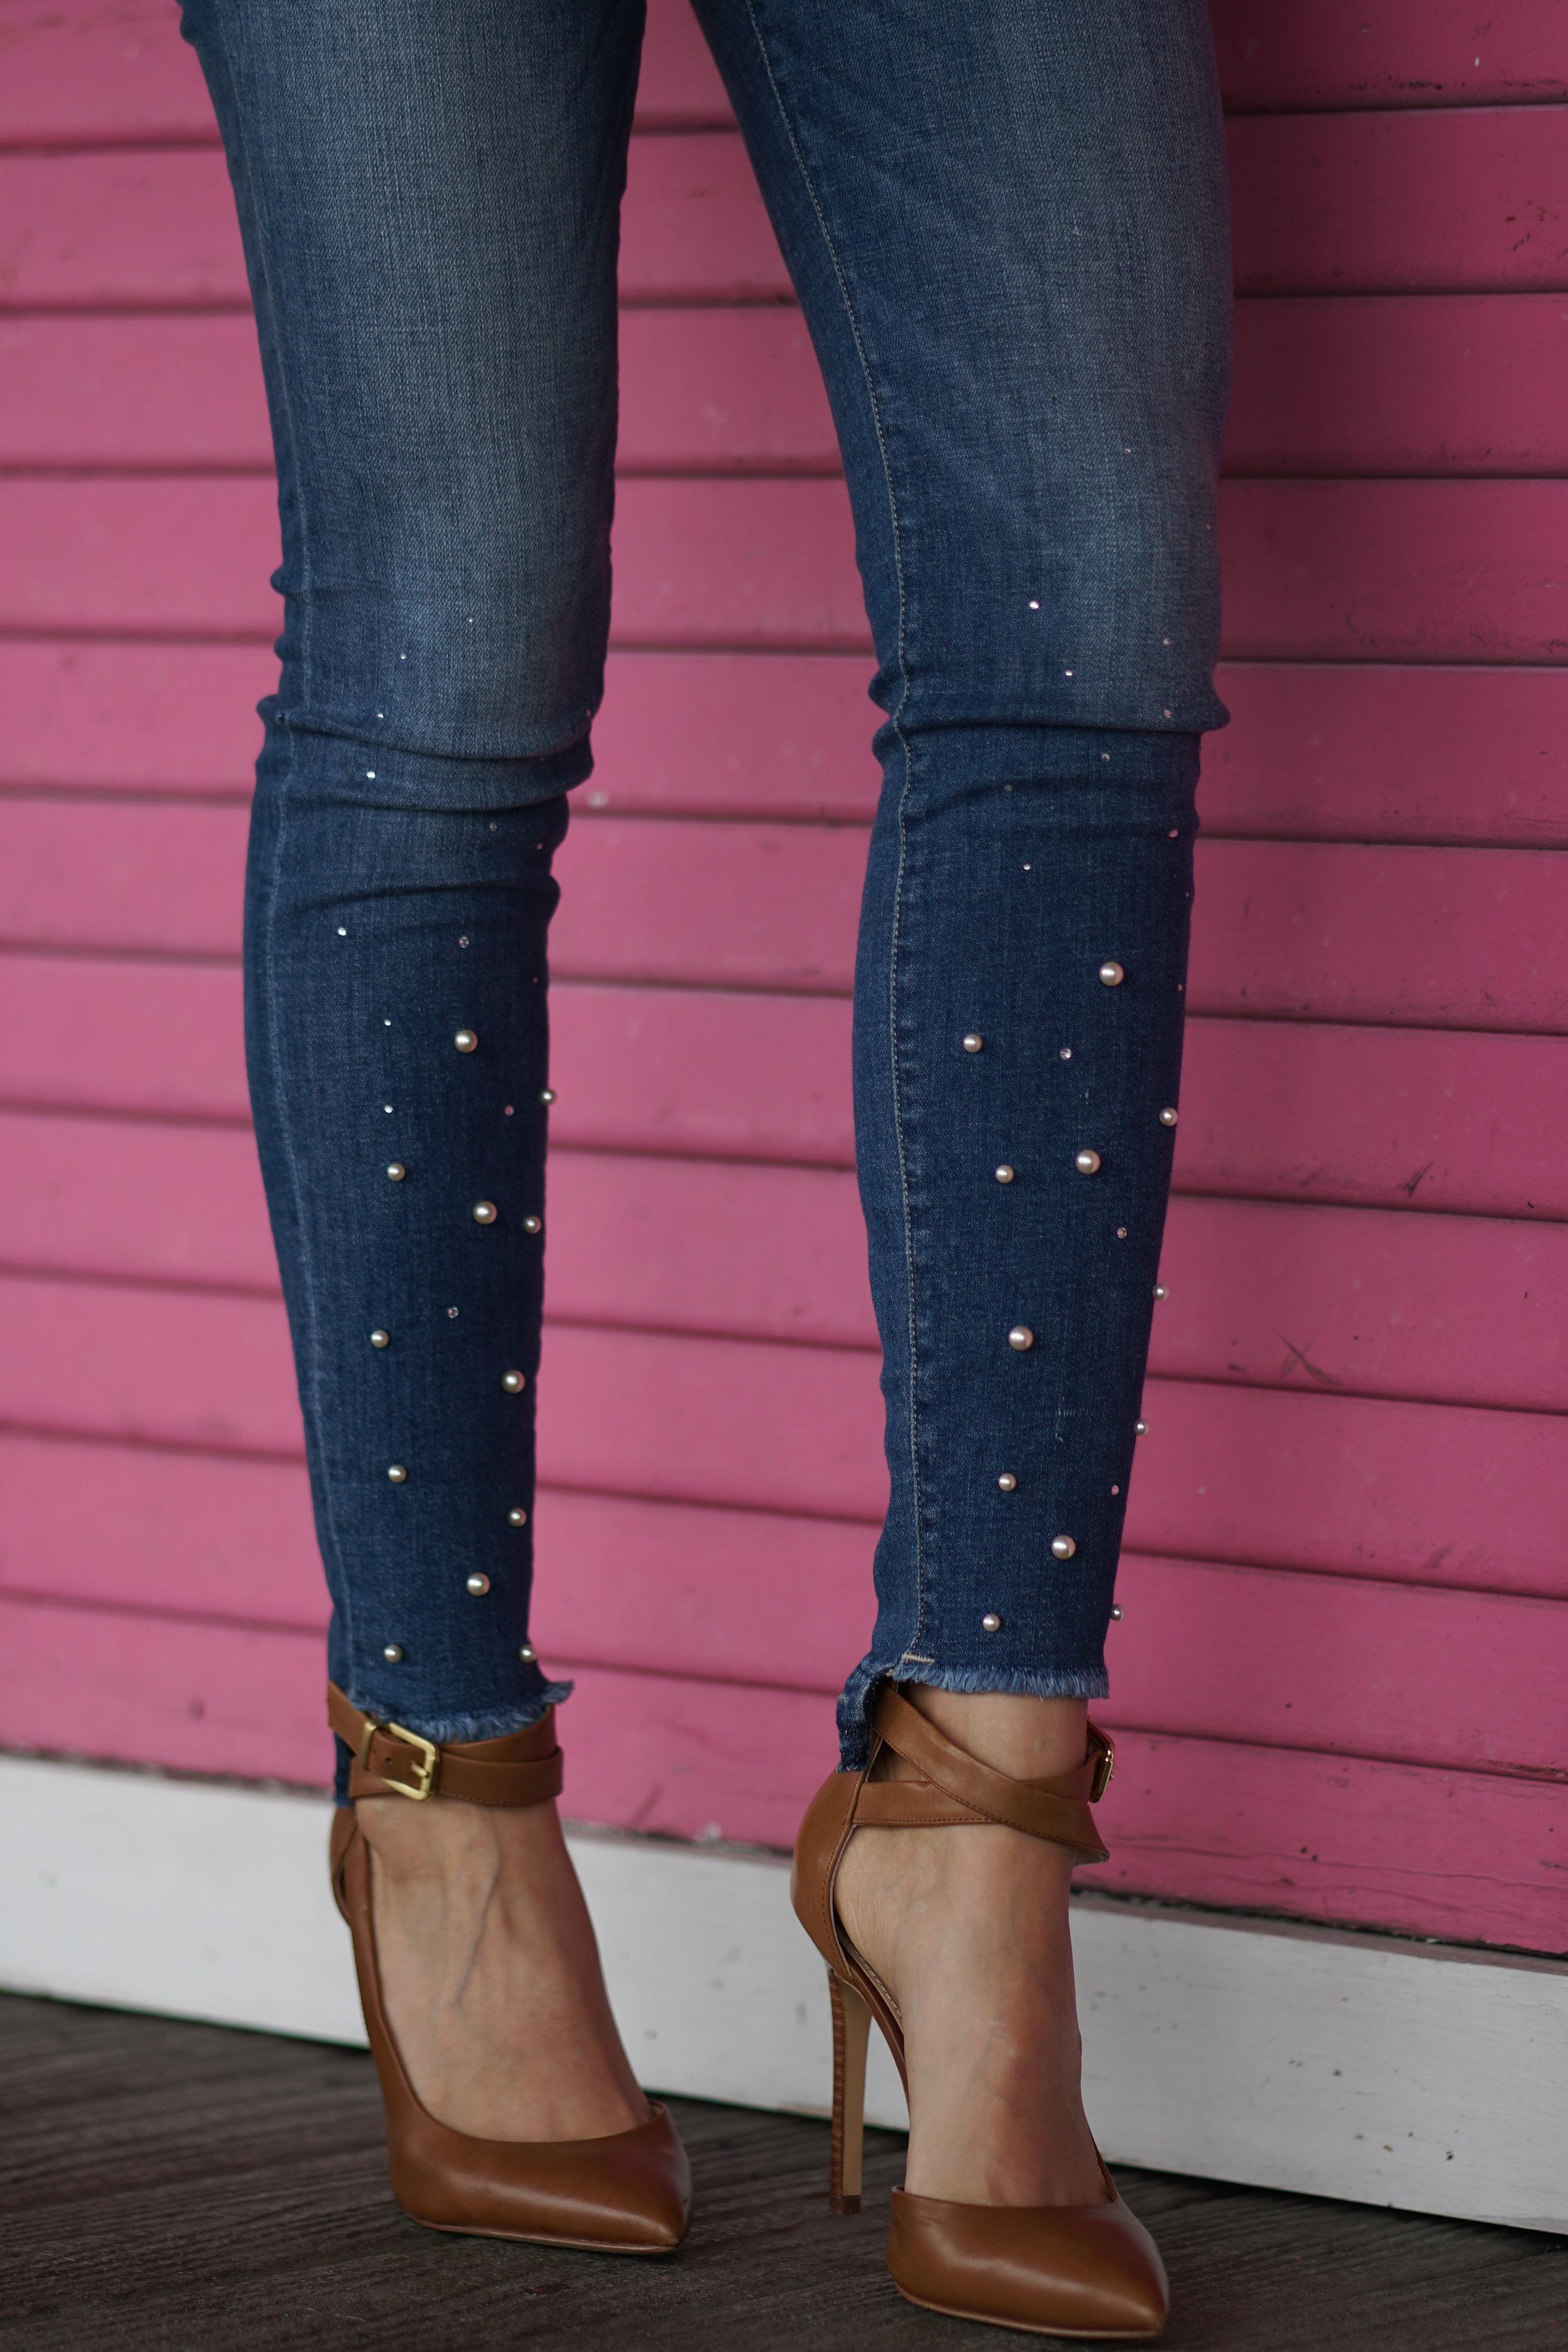 Sneak peak jeans with pearls